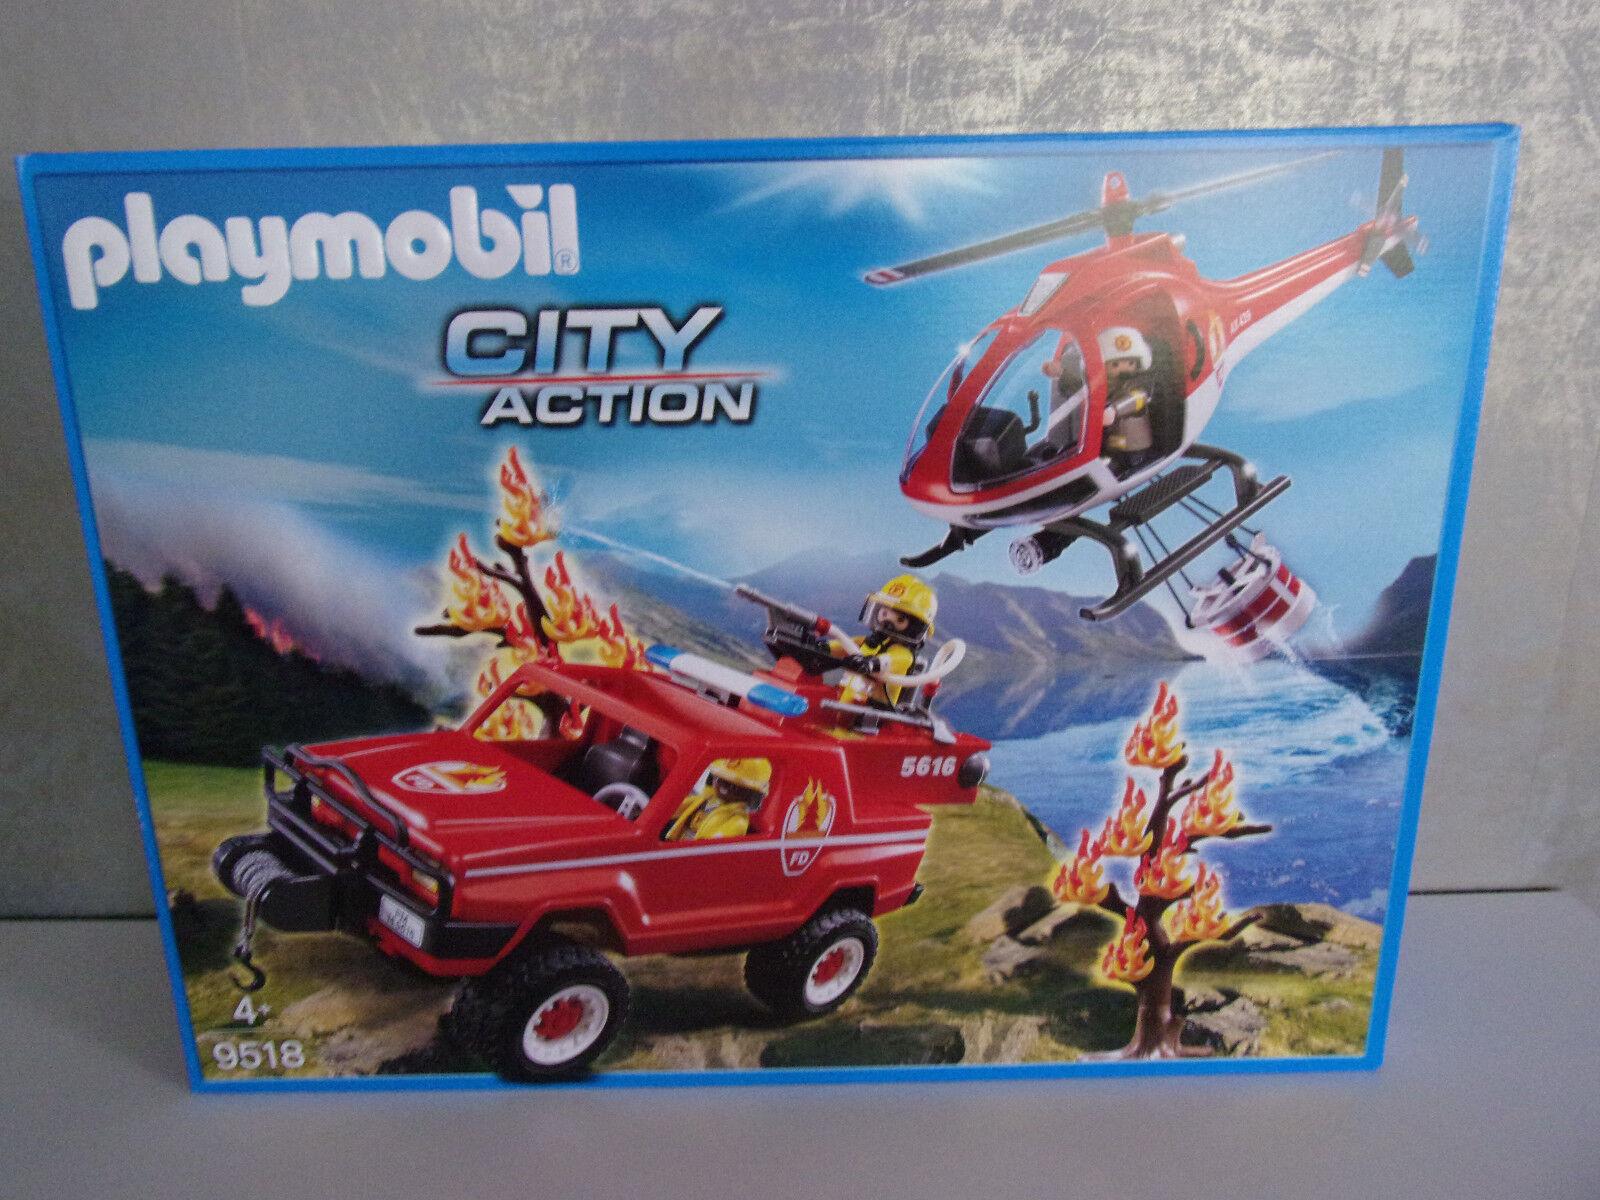 Les cadeaux cadeaux cadeaux de Noël sont envoyés tous les jours Playmobil City Action 9518 Feuerwehr-Waldbrandeinsatz - 262744